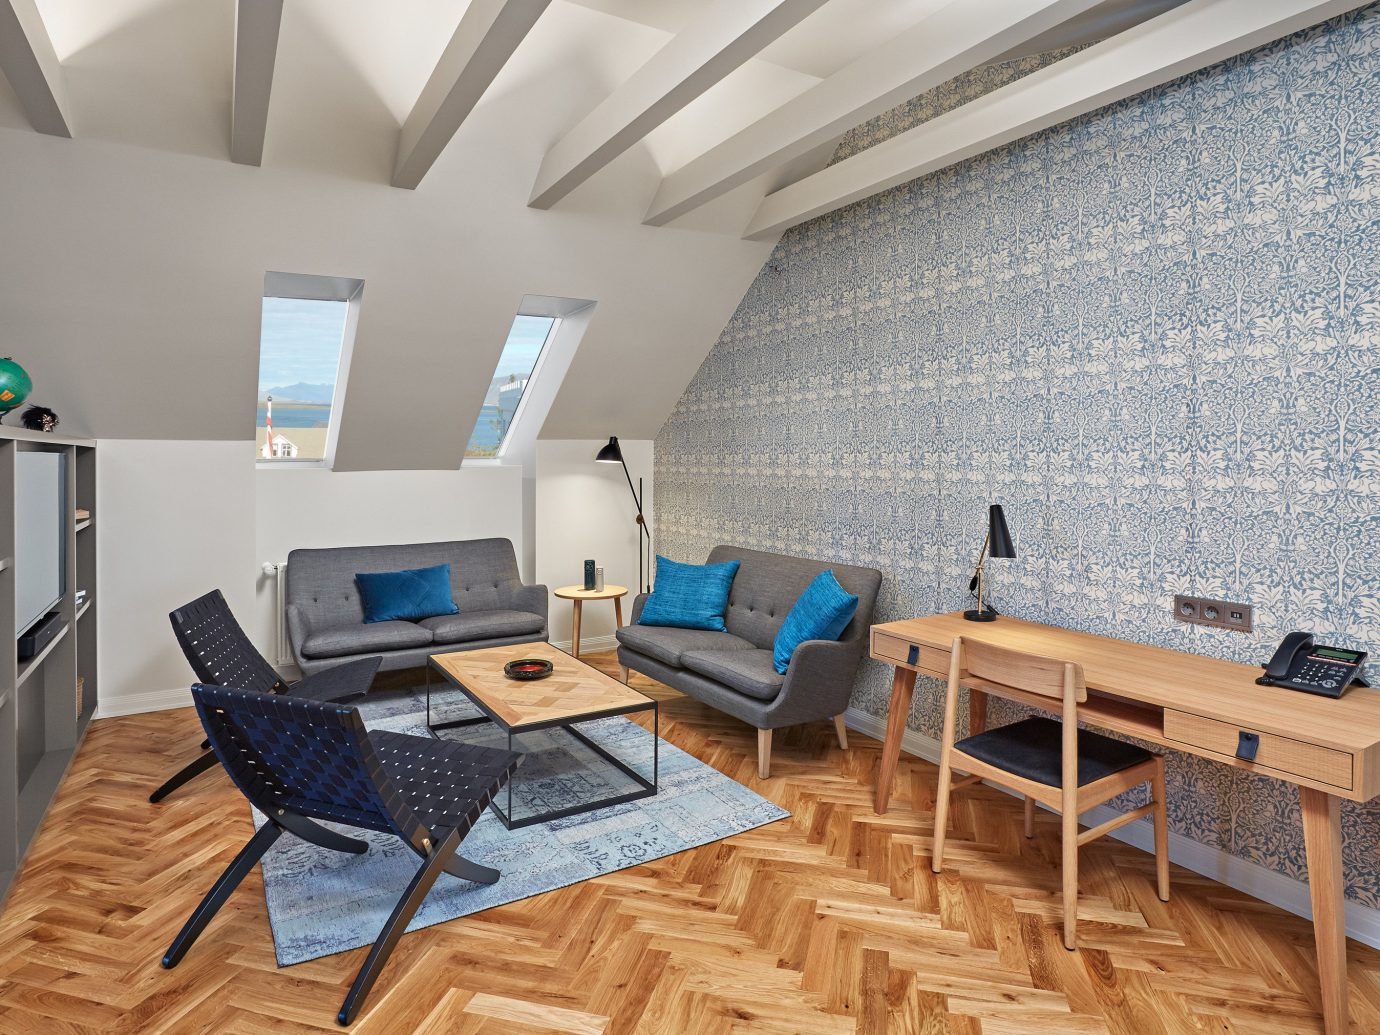 Boutique Hotels Hotels Iceland Reykjavík floor indoor wall chair room property Living building living room home interior design real estate Design estate cottage furniture